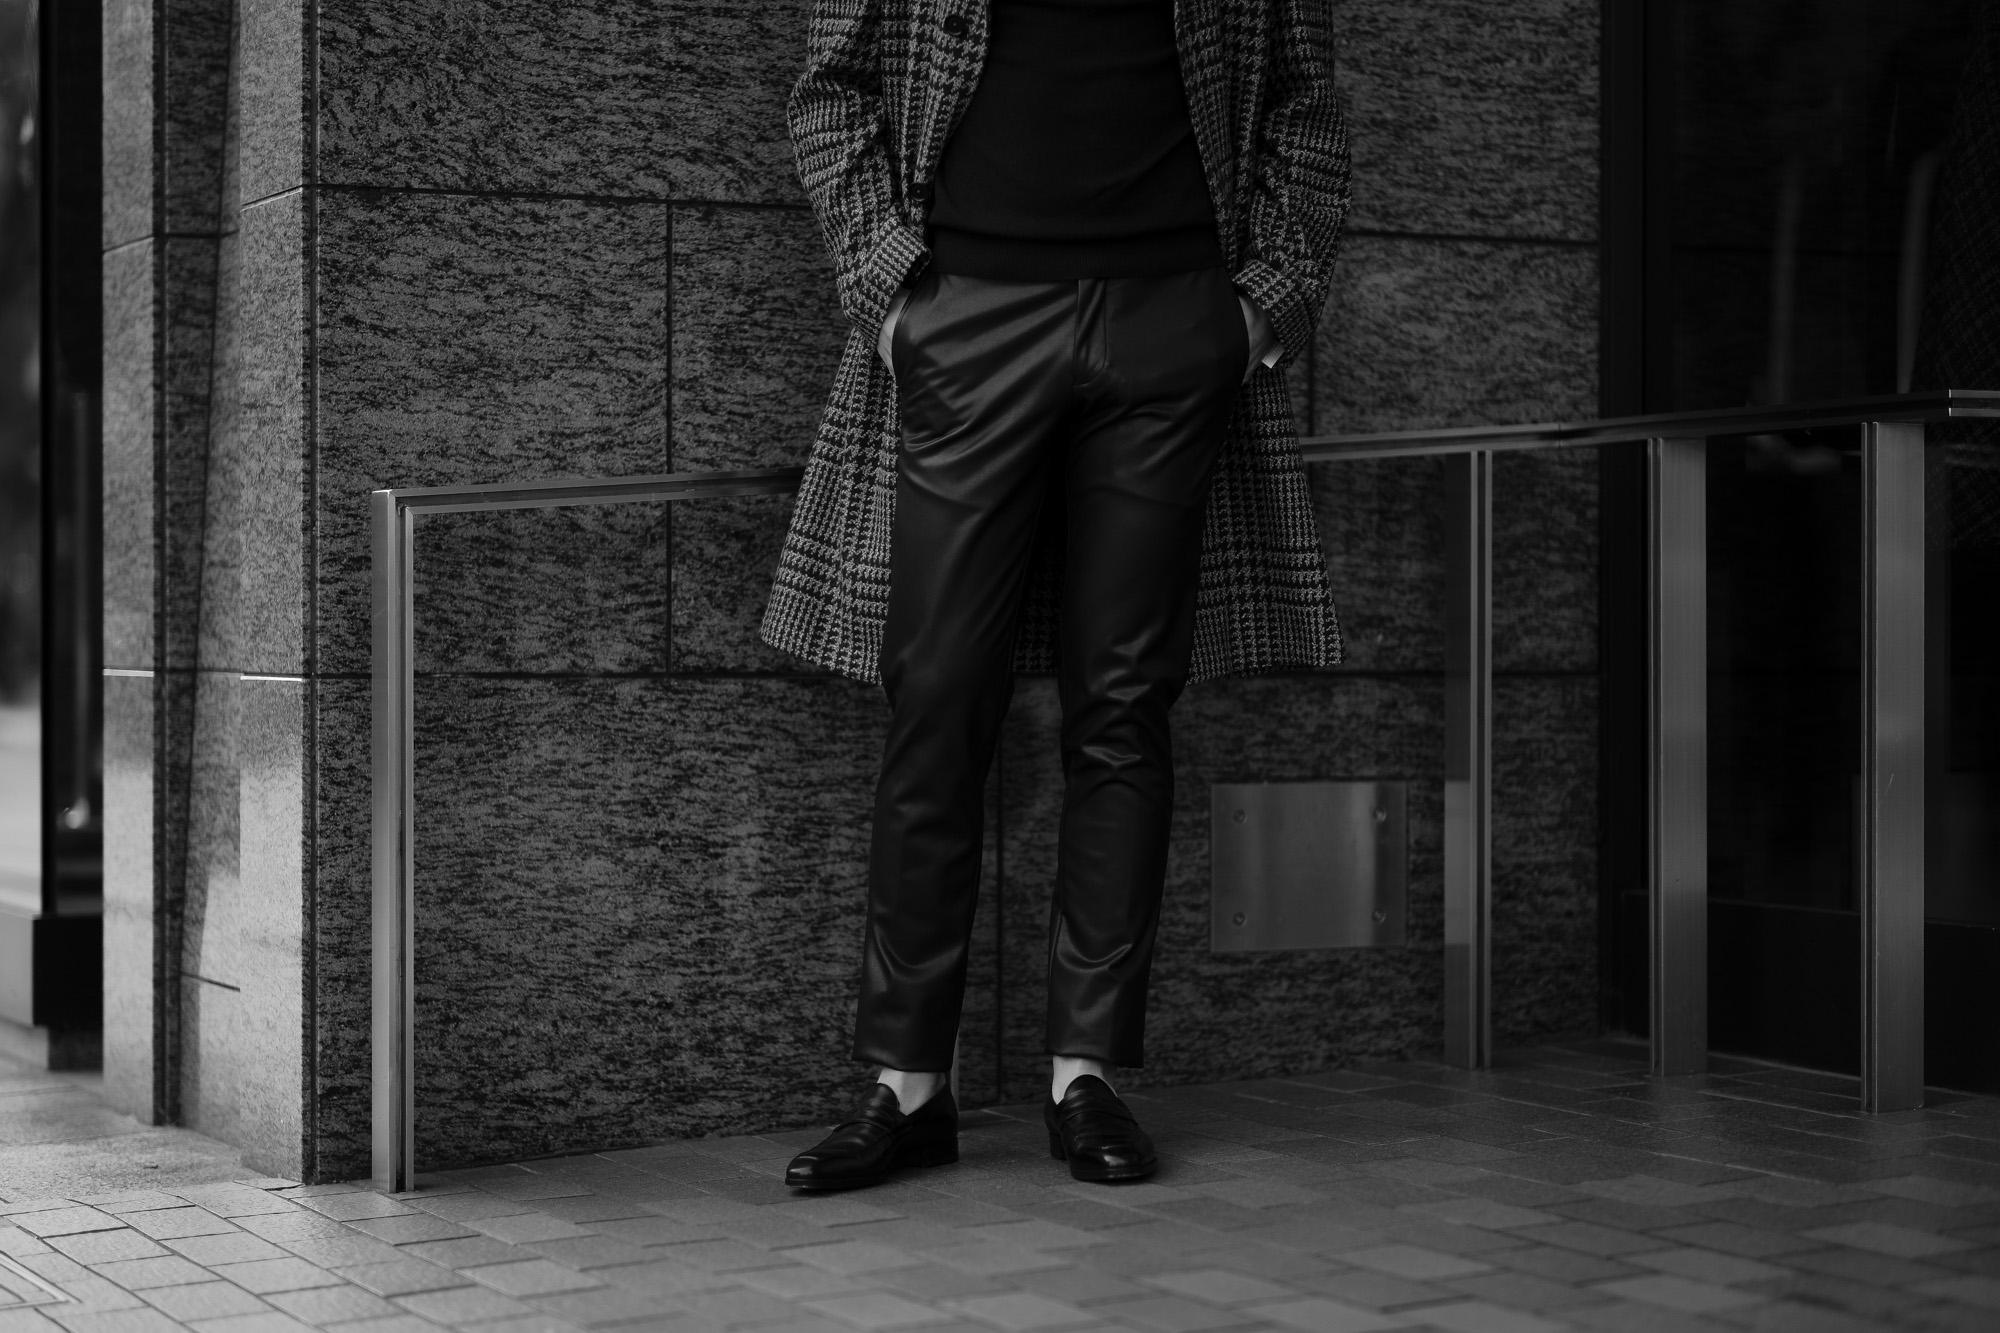 cuervo bopoha (クエルボ ヴァローナ) Sartoria Collection (サルトリア コレクション) Brad (ブラッド) 2WAY SUPER COMFORT FAKE LAMB LEATHER ストレッチ フェイクラムレザー パンツ BLACK (ブラック) MADE IN JAPAN (日本製) 2020 秋冬 Alto e Diritto altoediritto アルトエデリット 愛知 名古屋 レザーパンツ 革パン